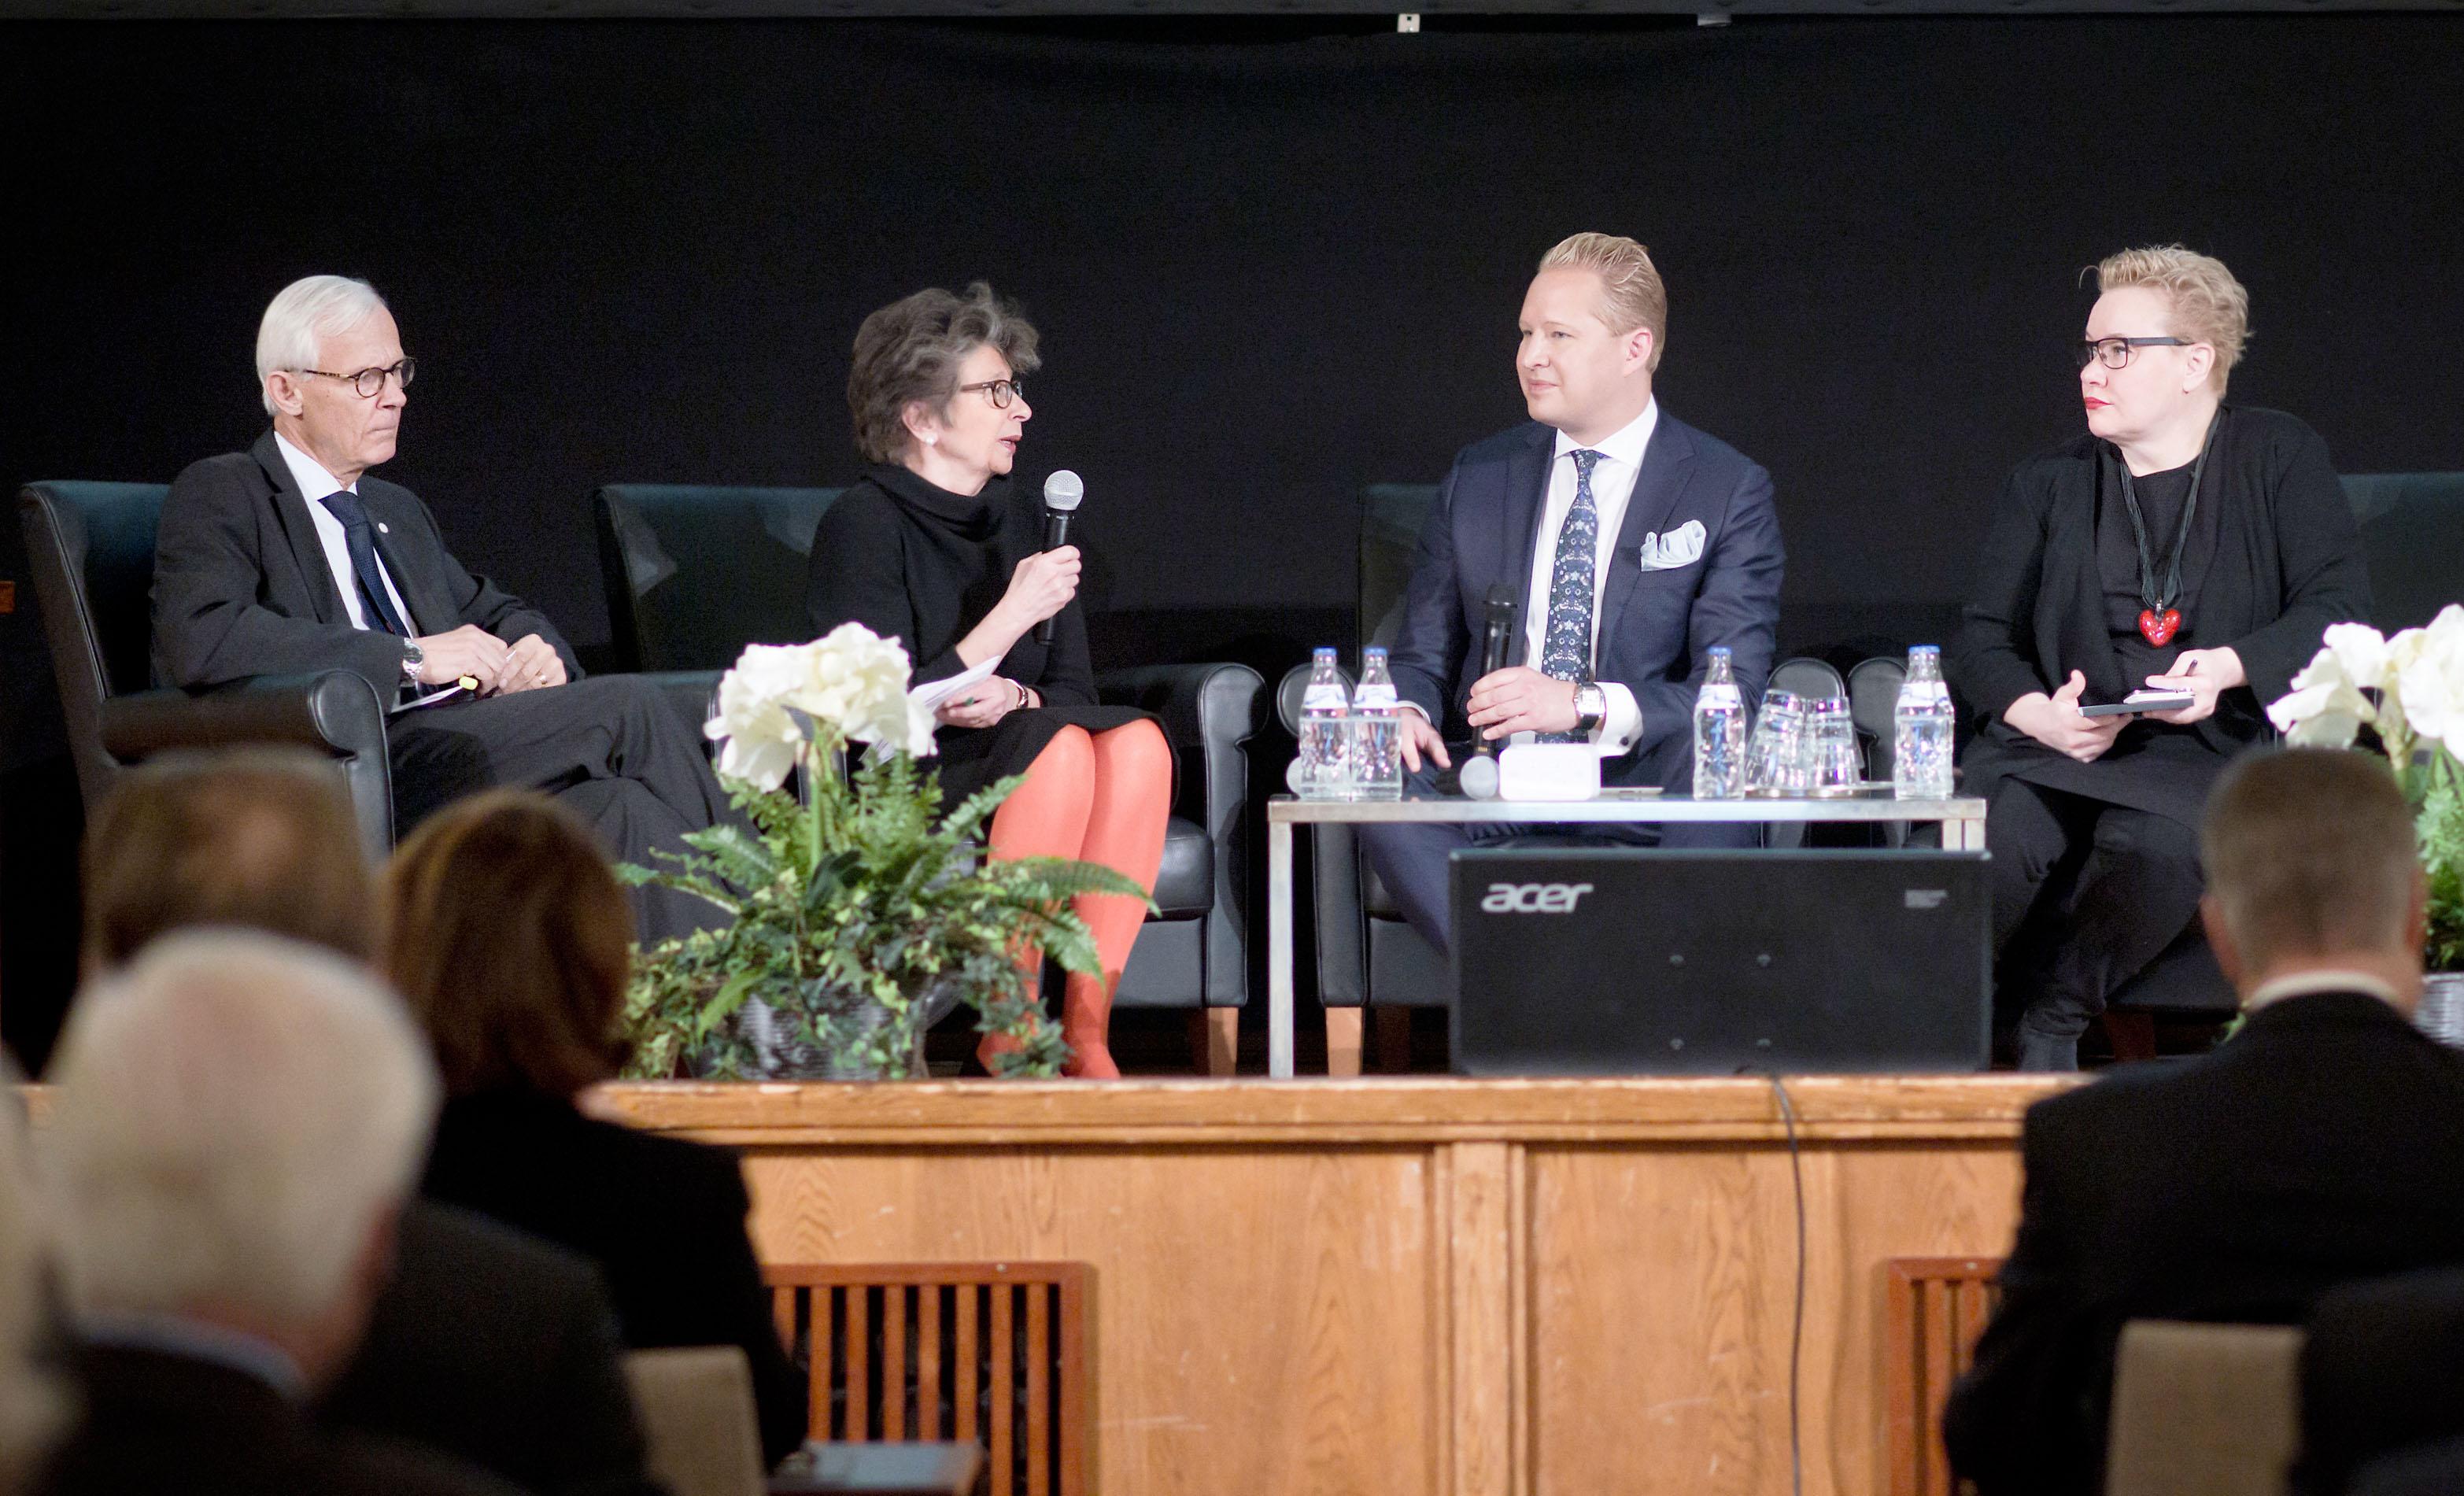 22.1.2015, Helsinki, Pörssisäätiö, Chair of the year seminaari